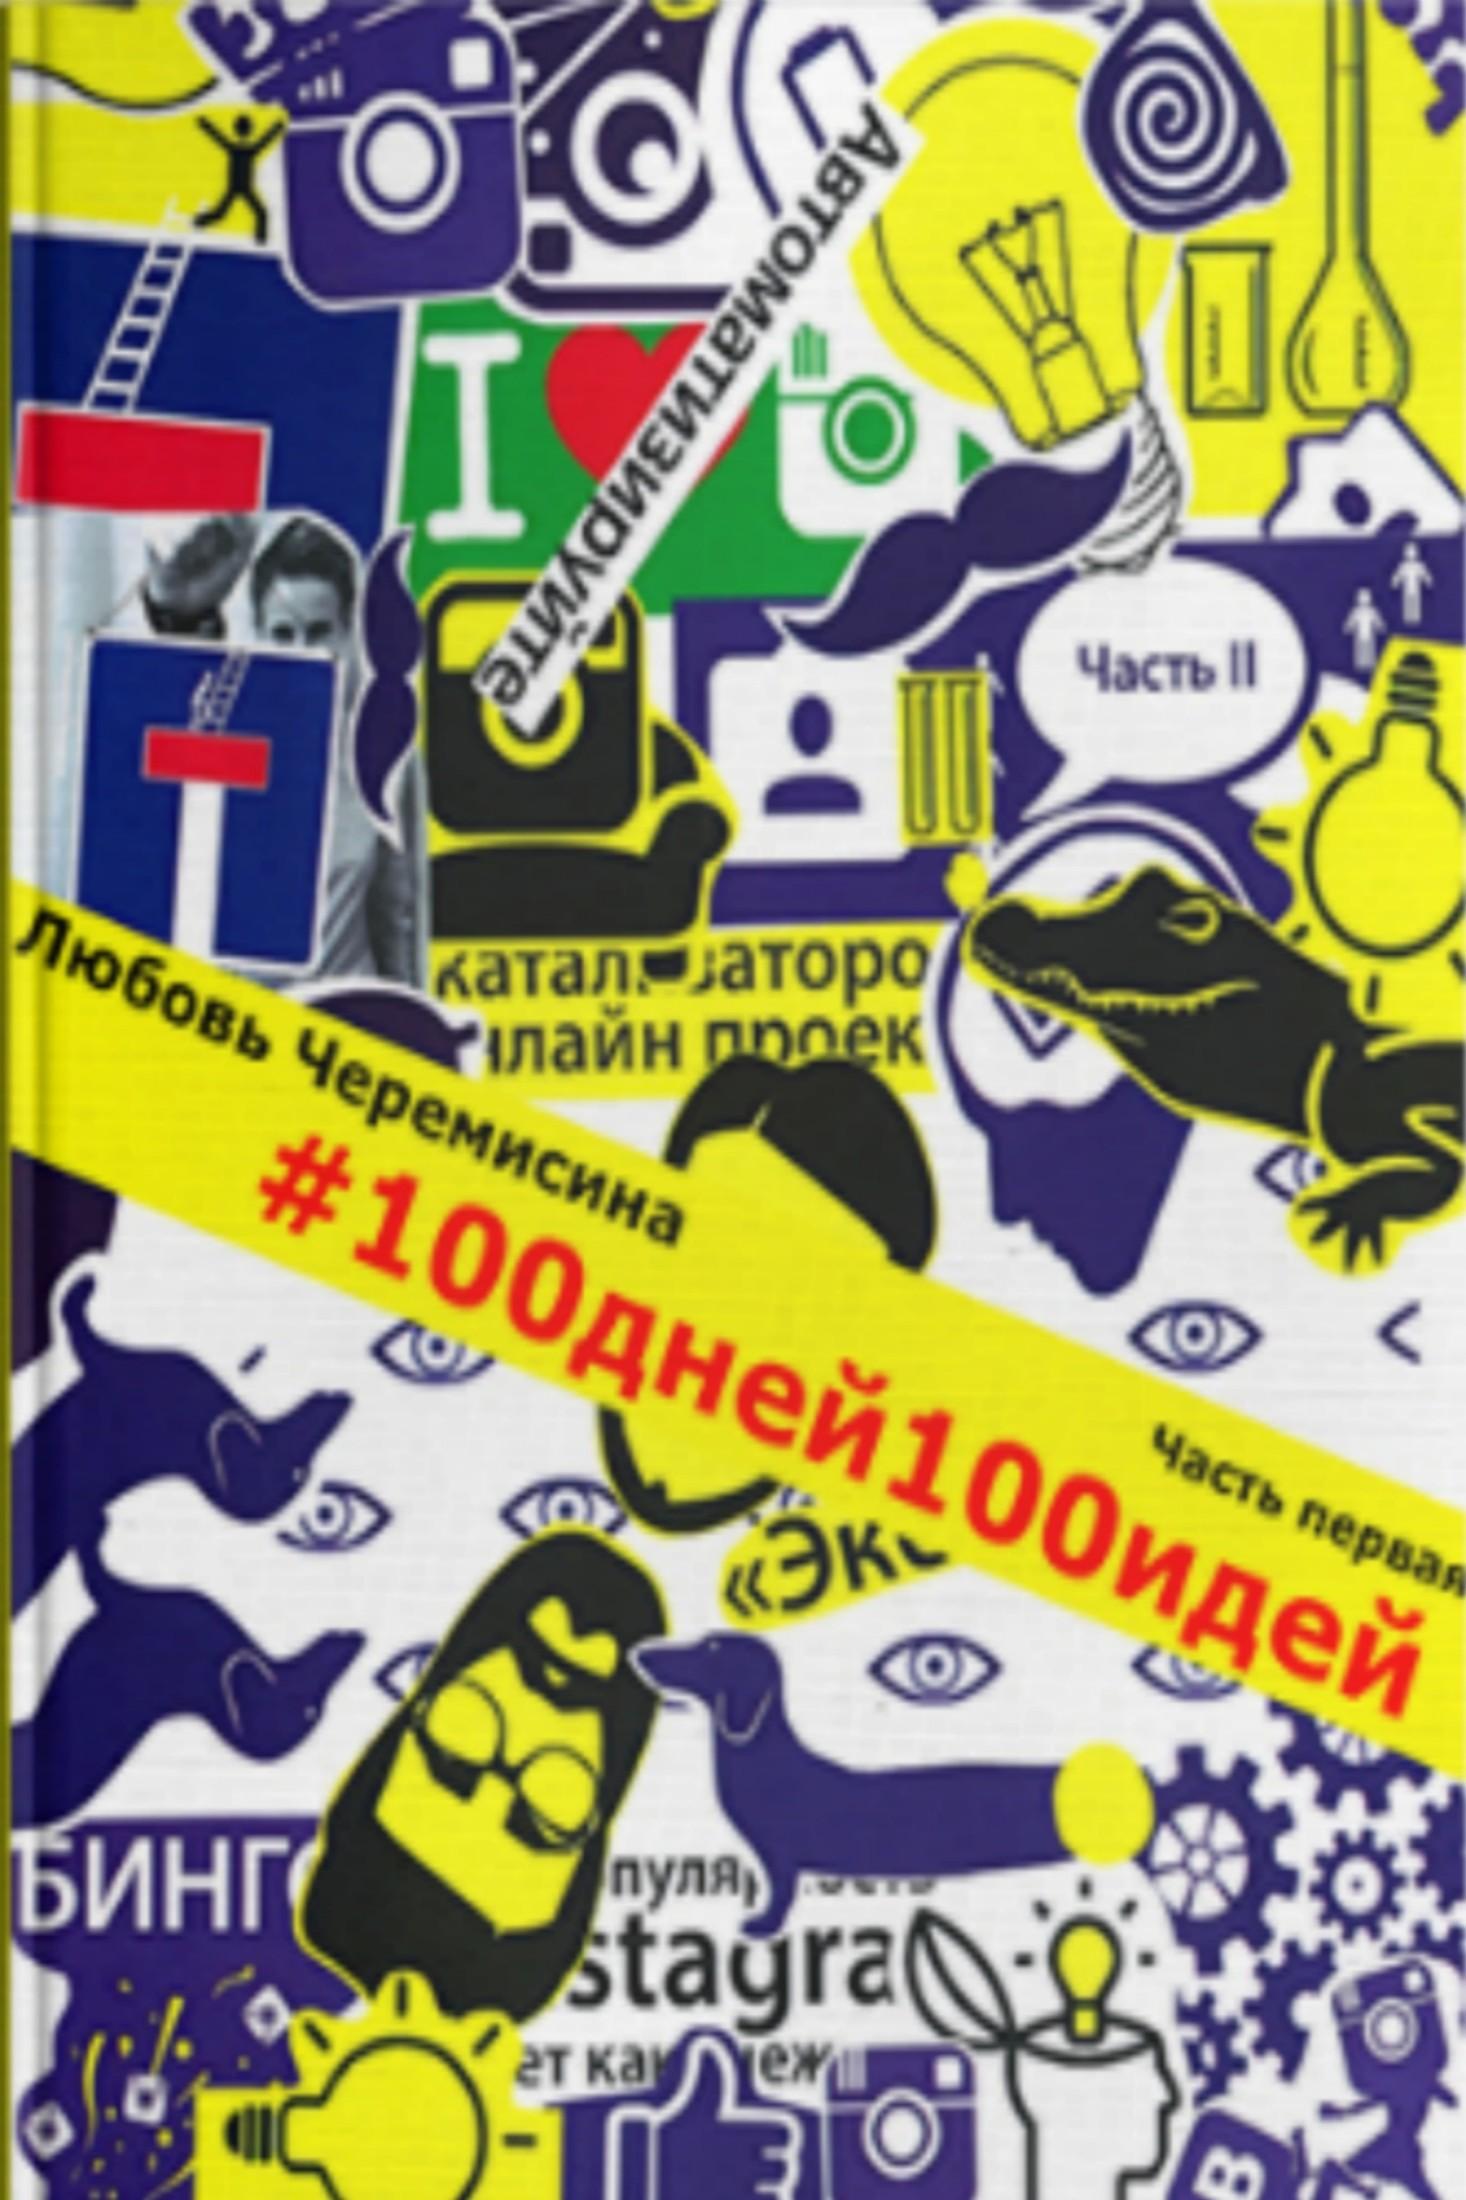 Любовь Черемисина 100 дней 100 идей. Часть 1